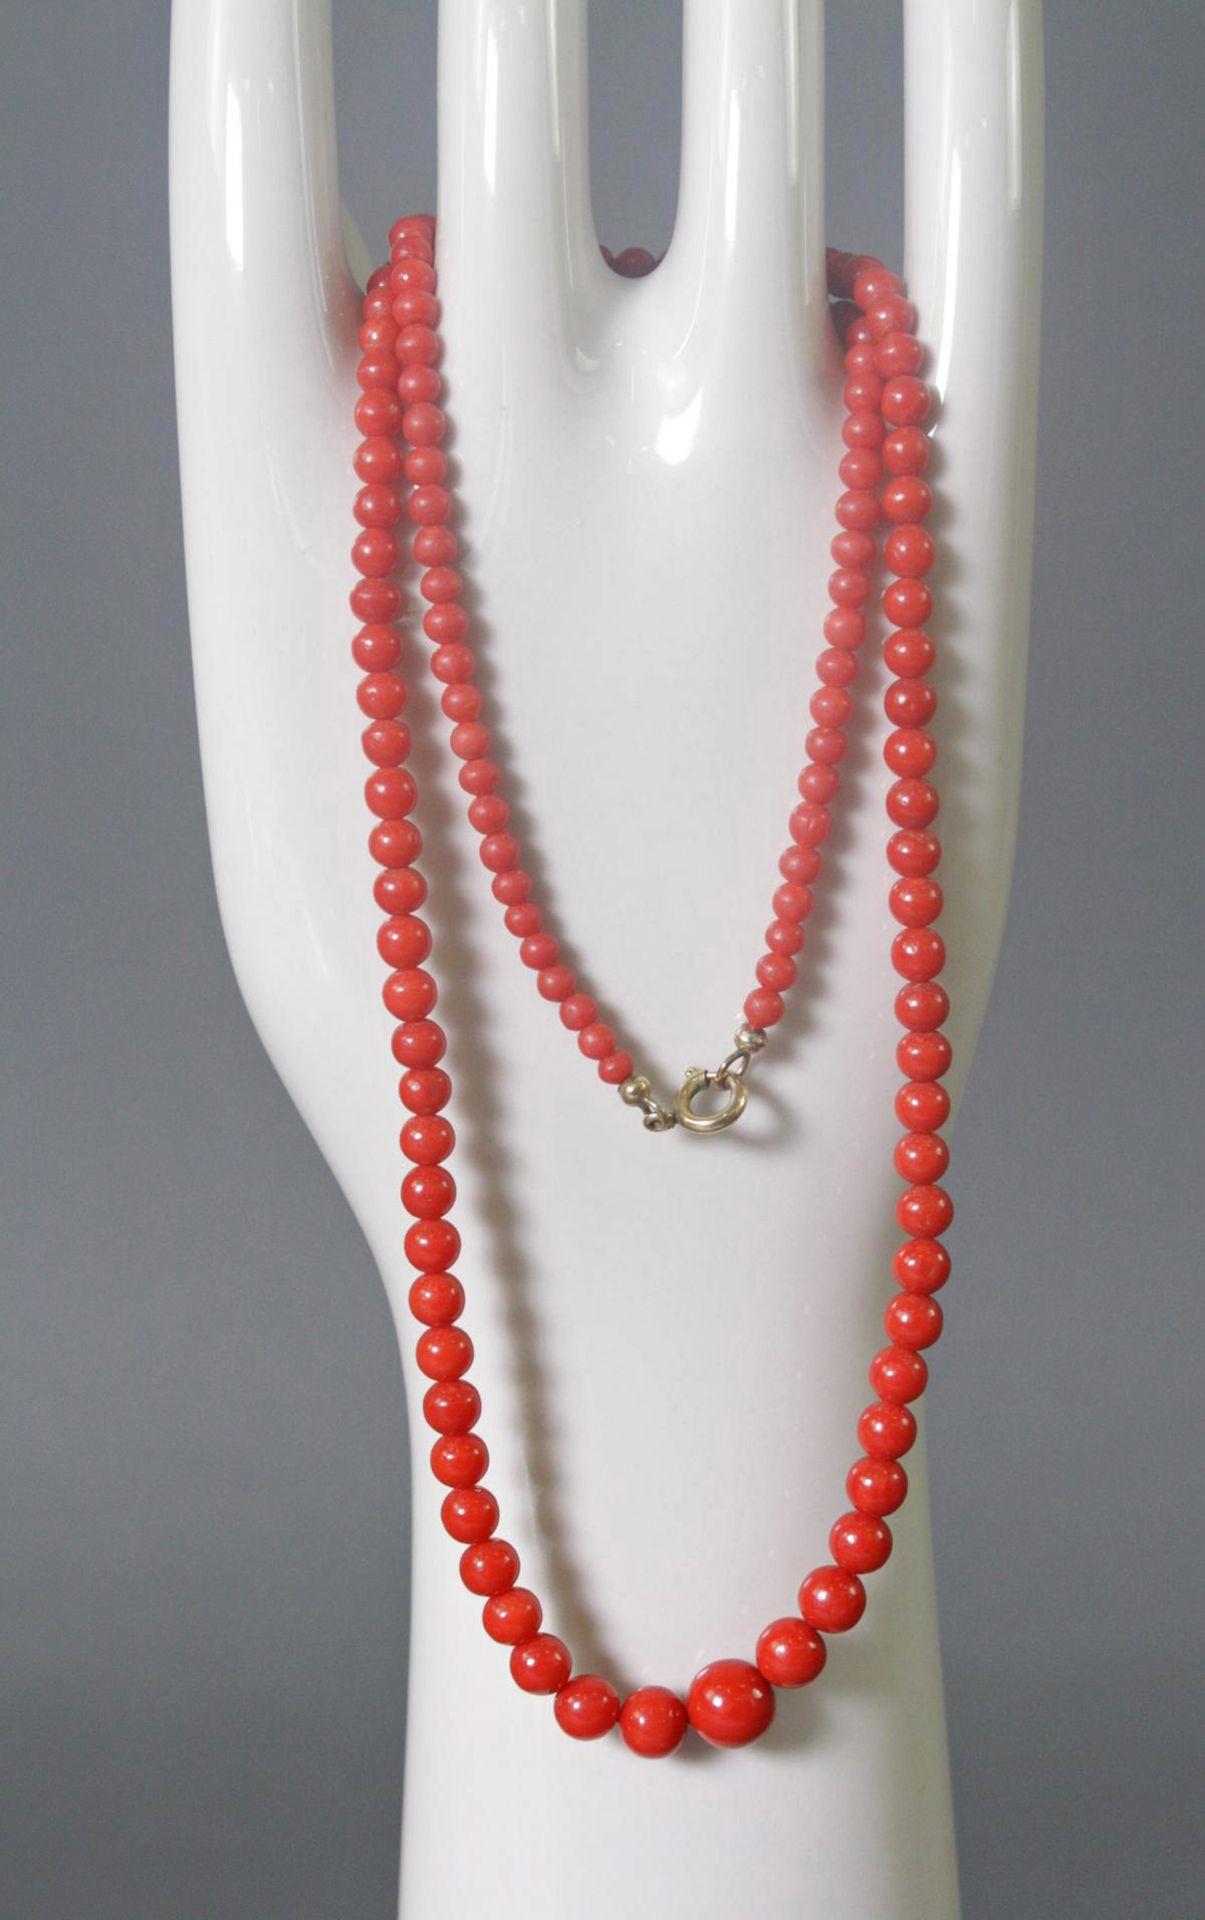 Halskette mit roten Korallenkugeln